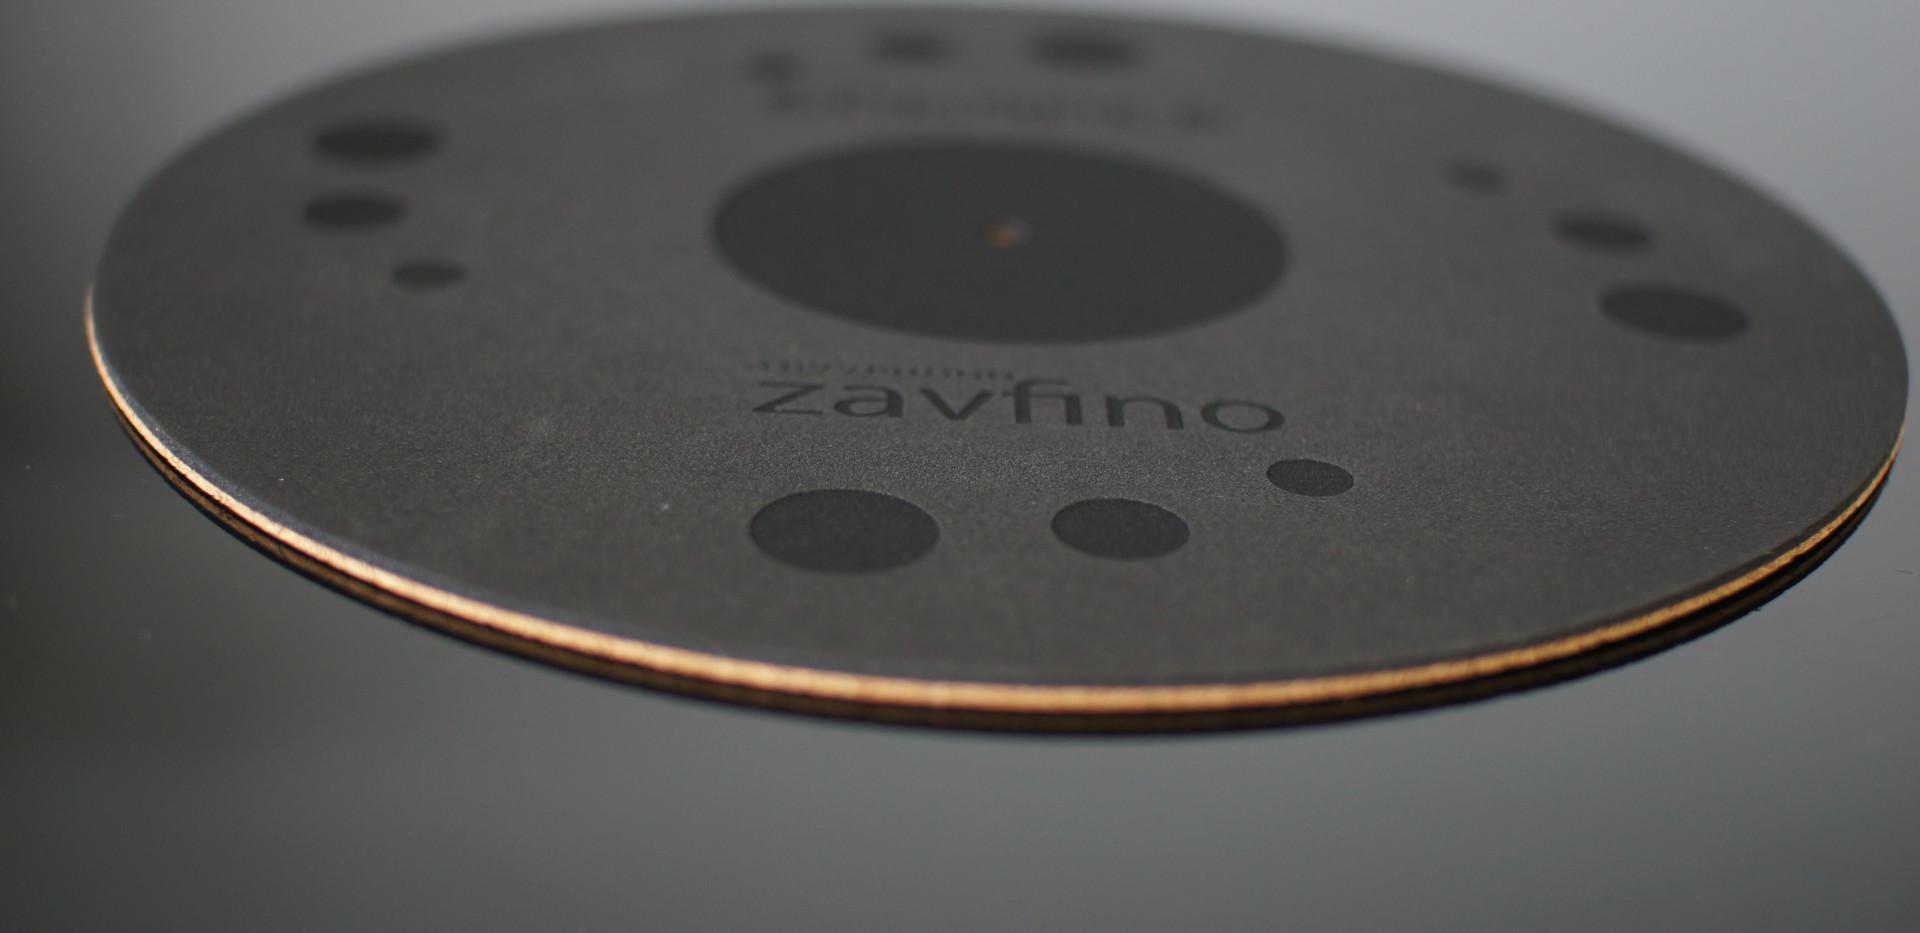 Zavfino EH-Fusion Mat